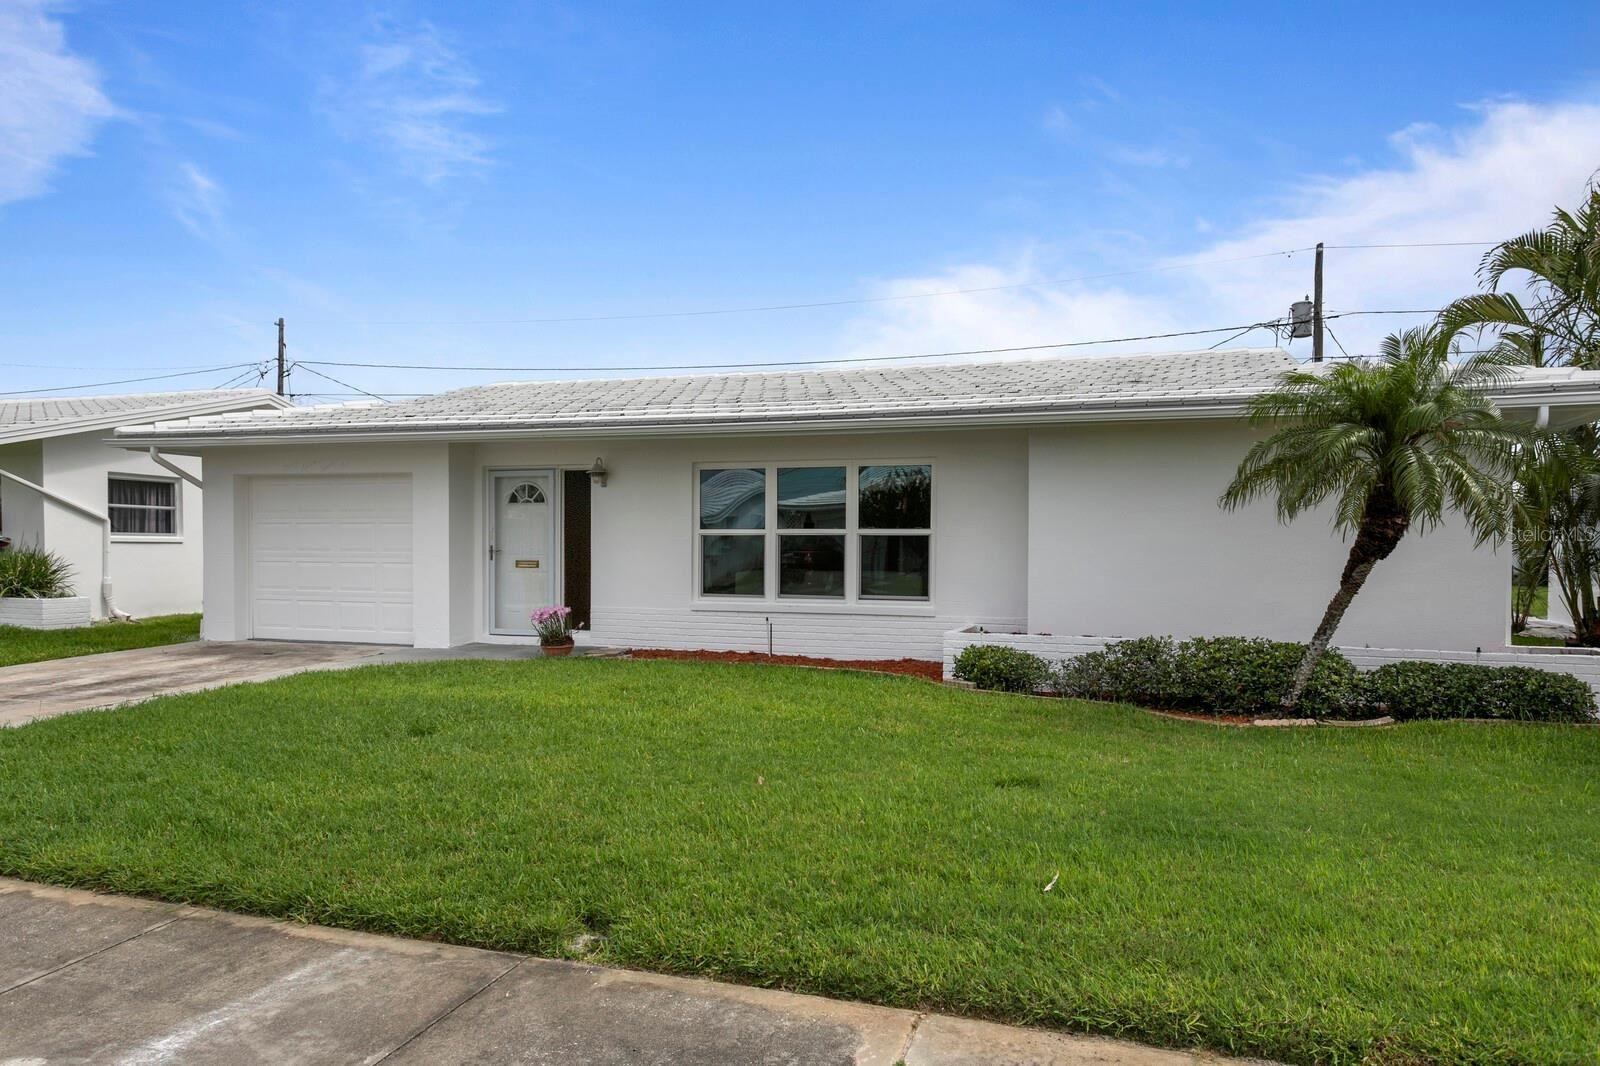 3725 98TH AVENUE N #3, Pinellas Park, FL 33782 - #: U8127919